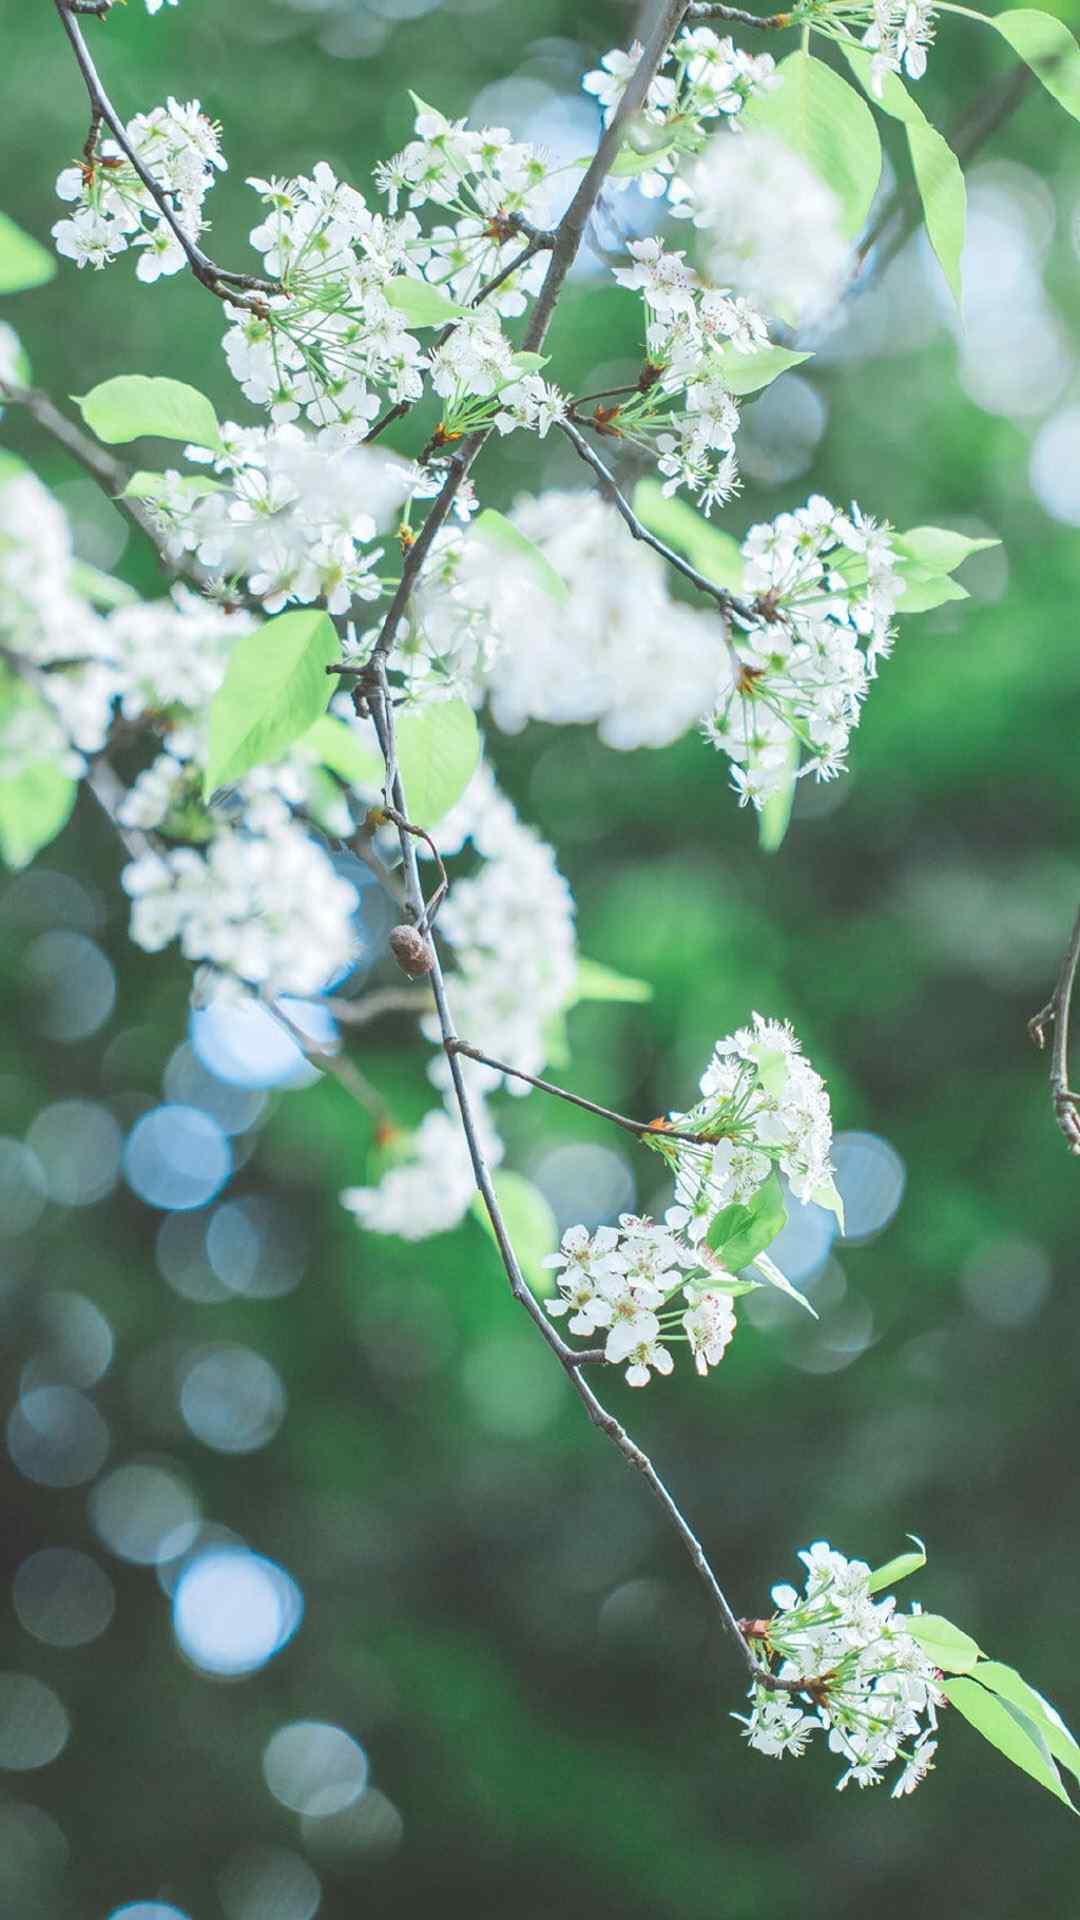 小清新花卉微距摄